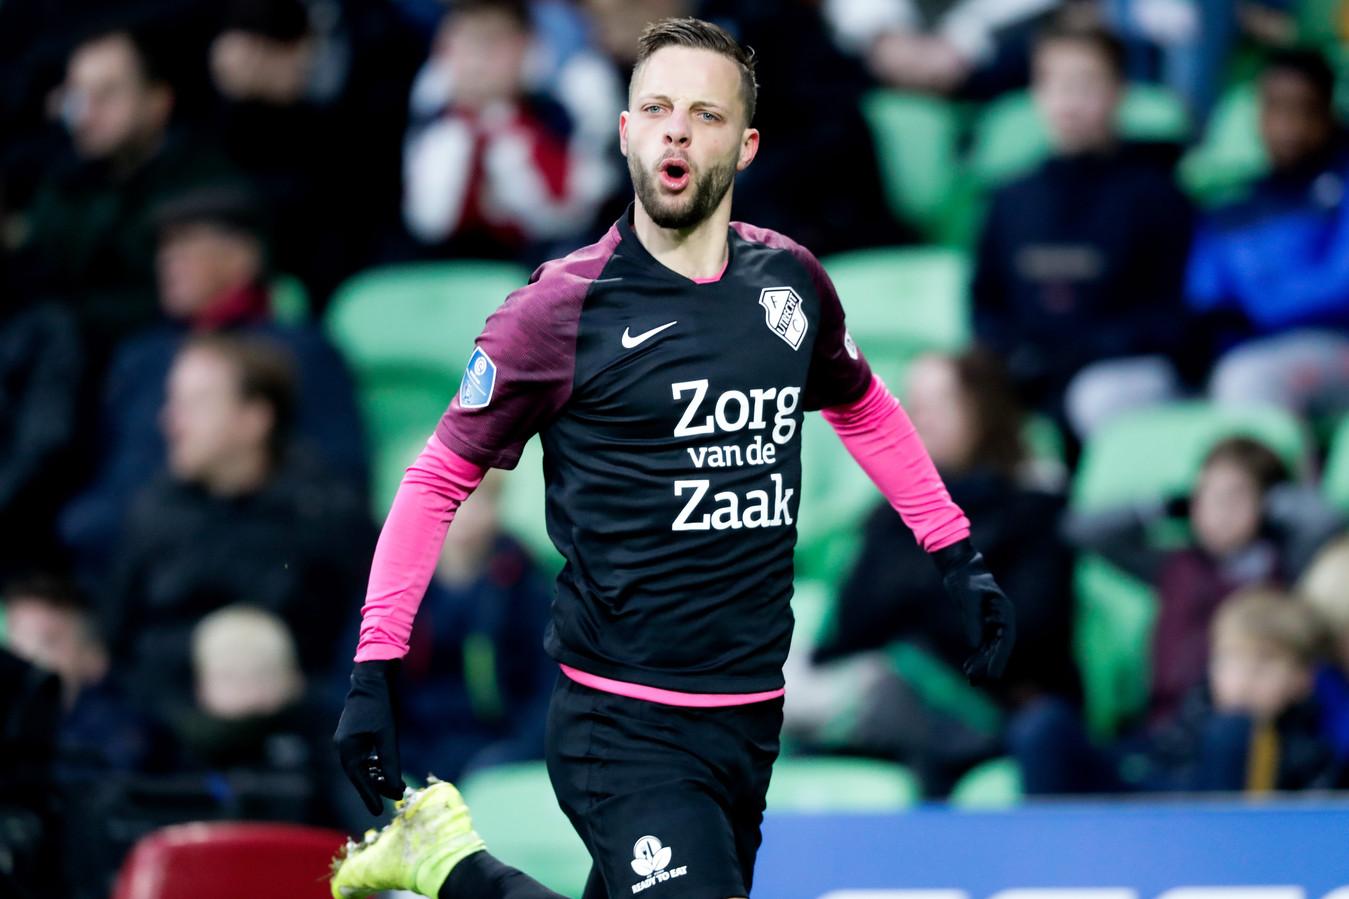 Bart Ramselaar mist het duel met FC Groningen in de KNVB-beker, terwijl hij de eredivisiewedstrijd een paar dagen geleden nog besliste (0-1).